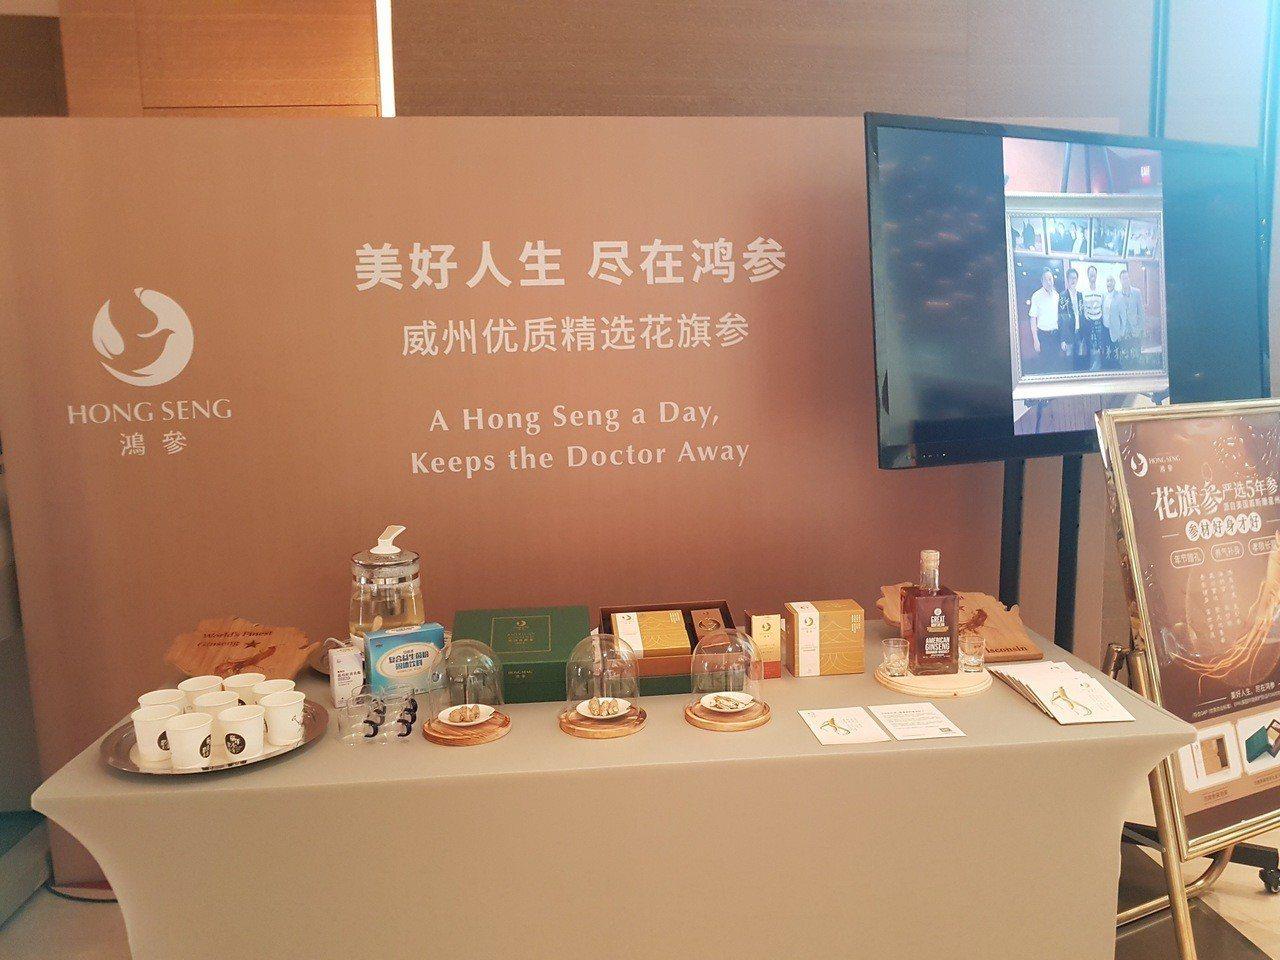 鴻海集團旗下鴻參前進廈門兩岸企業家峰會。 圖/鴻海集團提供